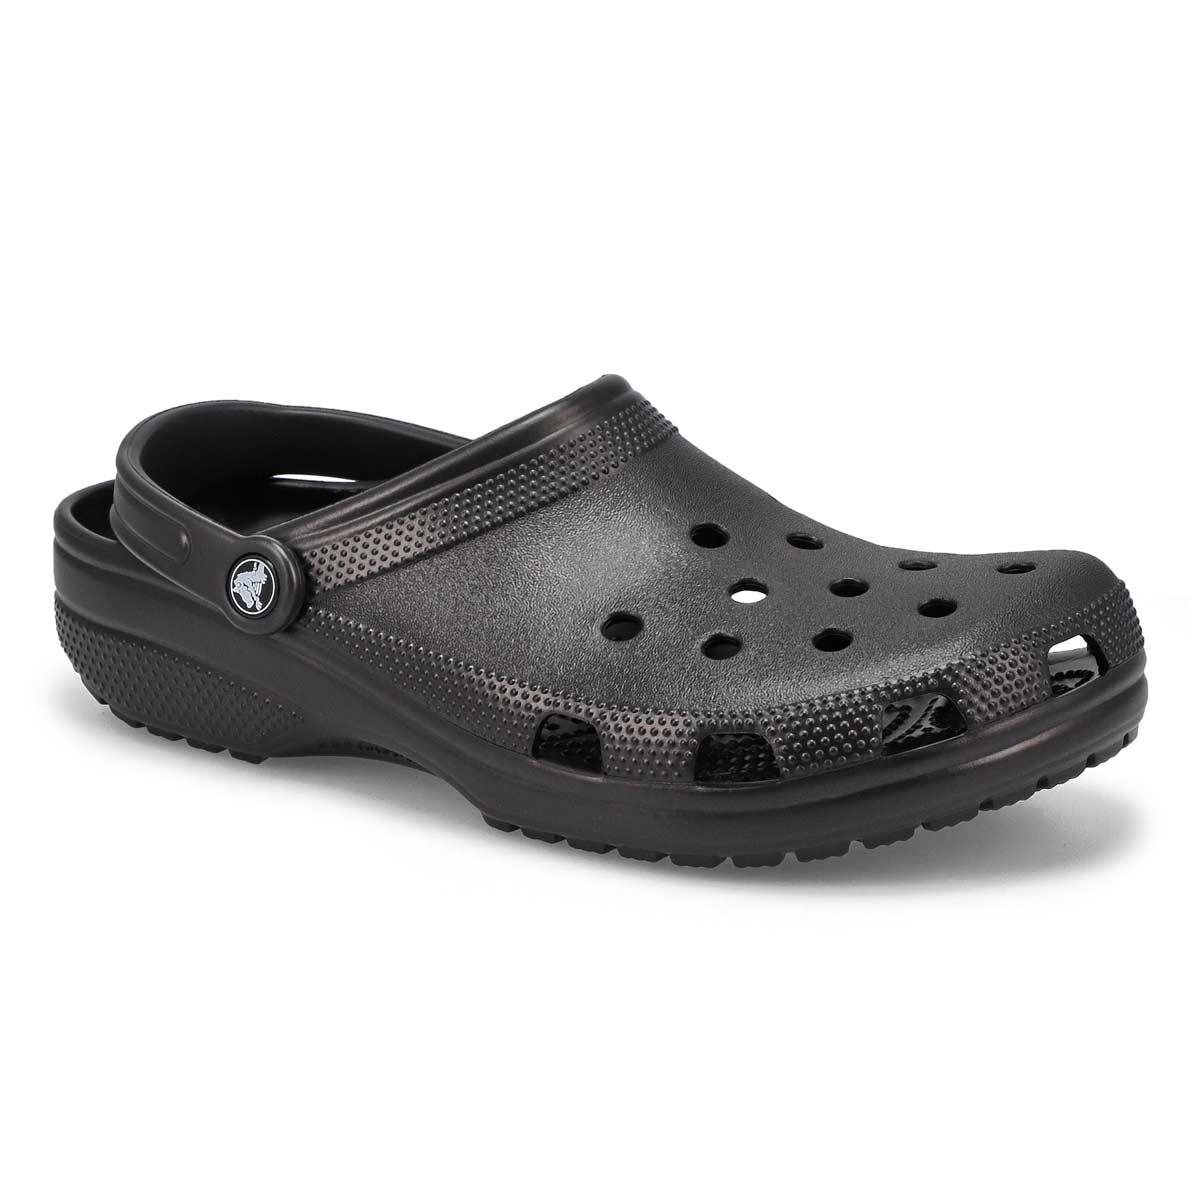 Men's Classic EVA Clog - Black